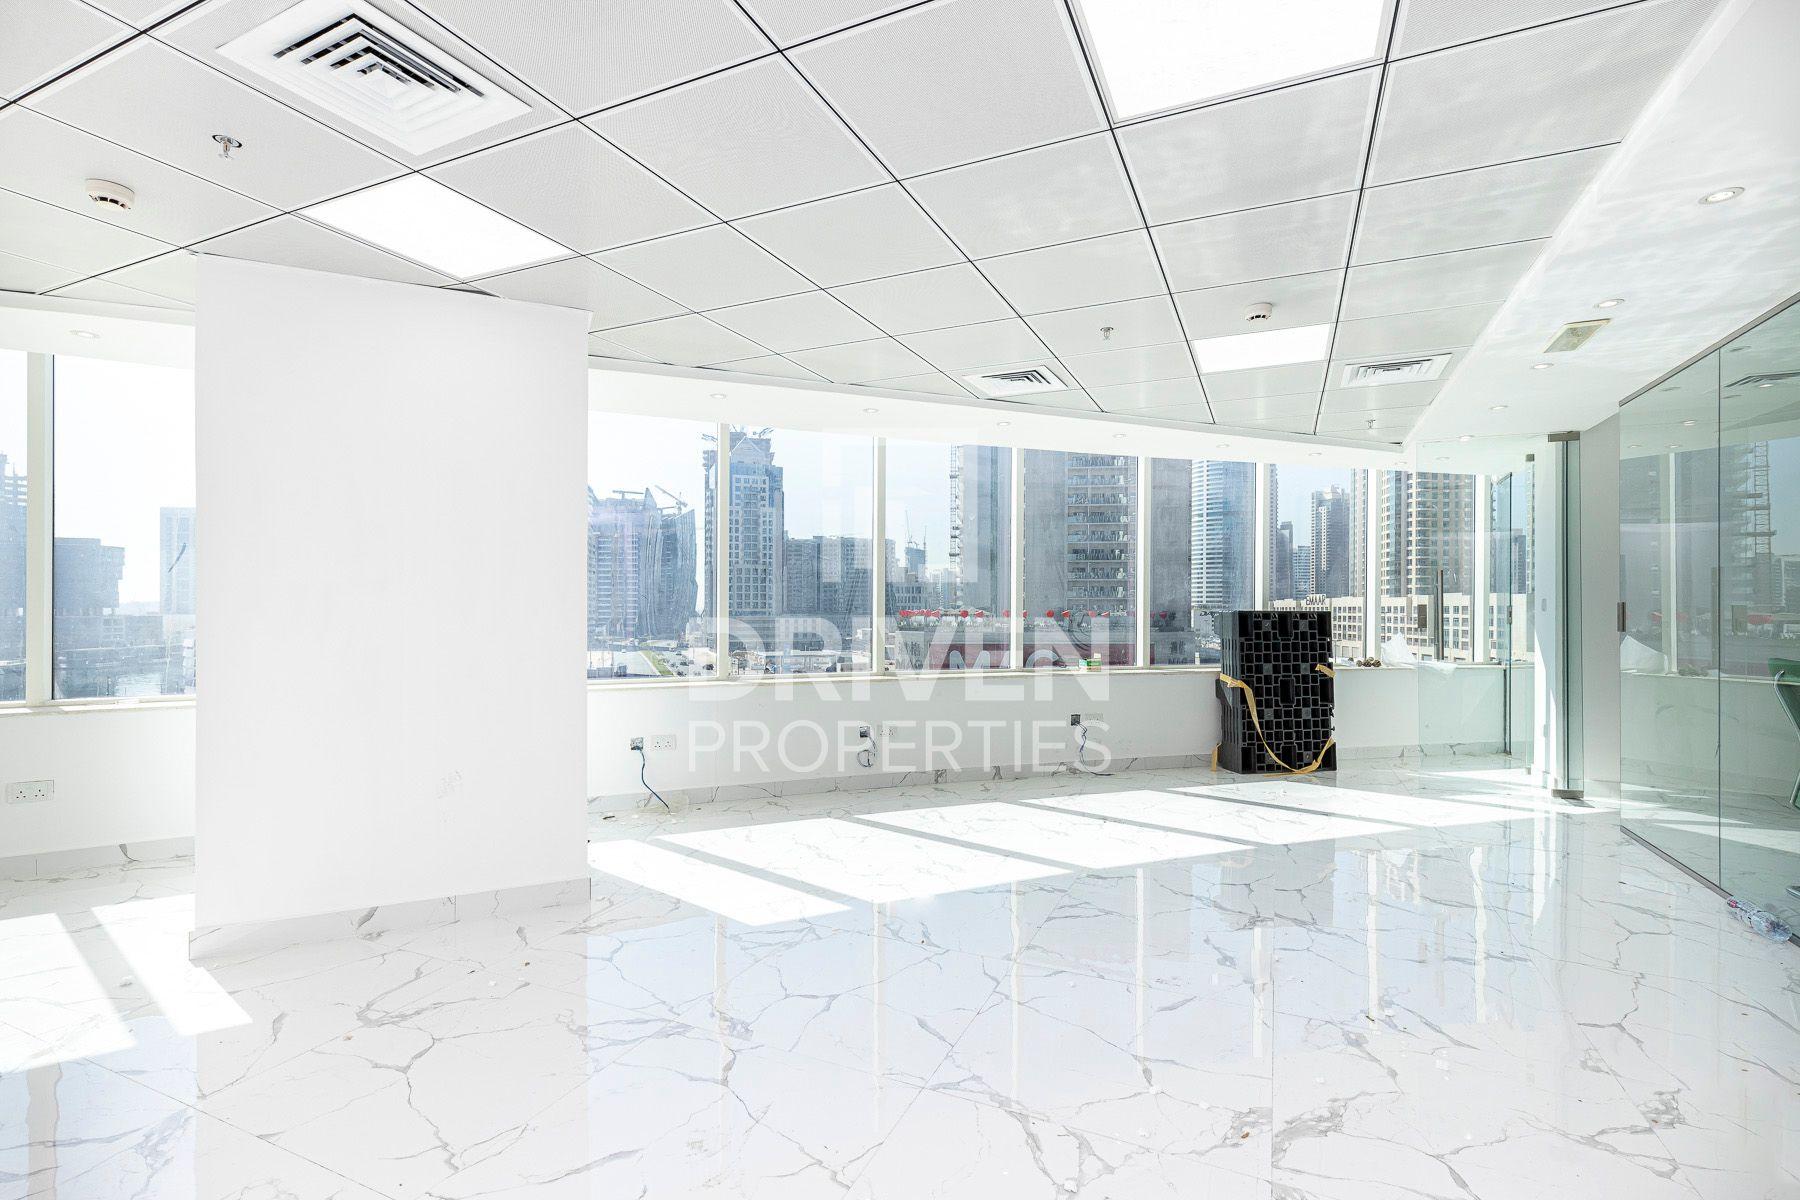 للايجار - مكتب - مرتفعات إمباير 1 - الخليج التجاري